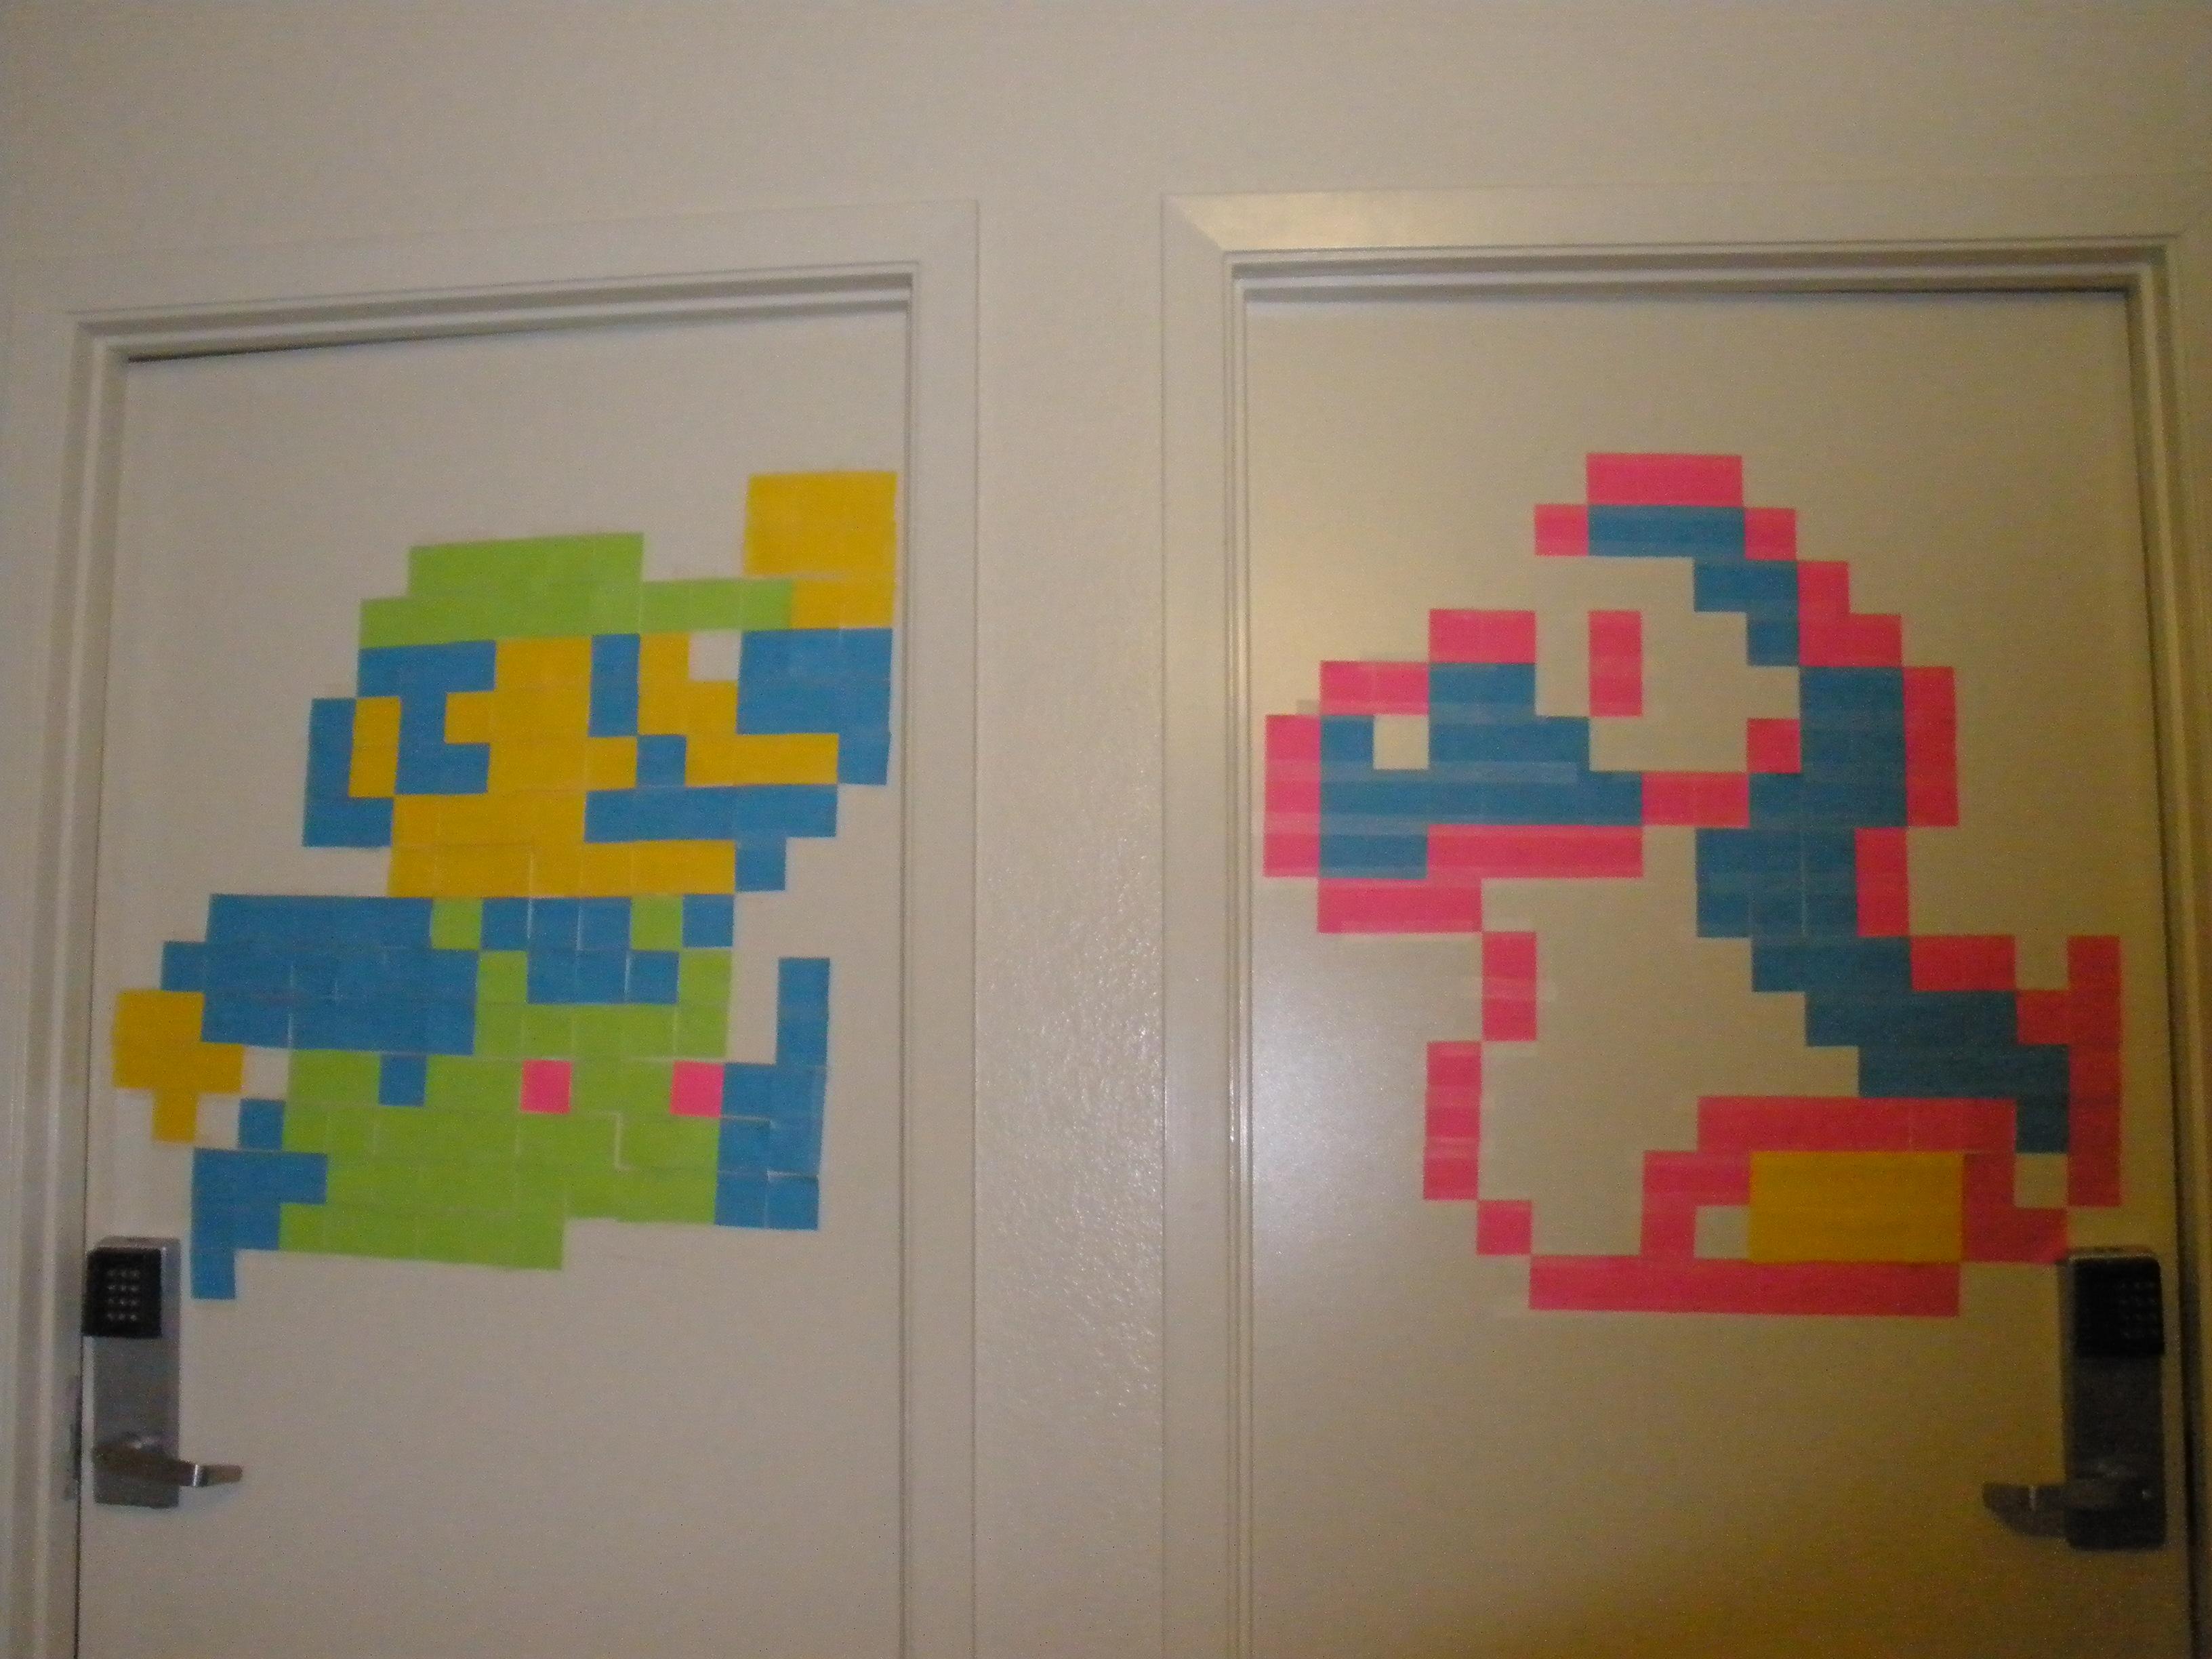 Mah Pixely Friends by rawrkittens